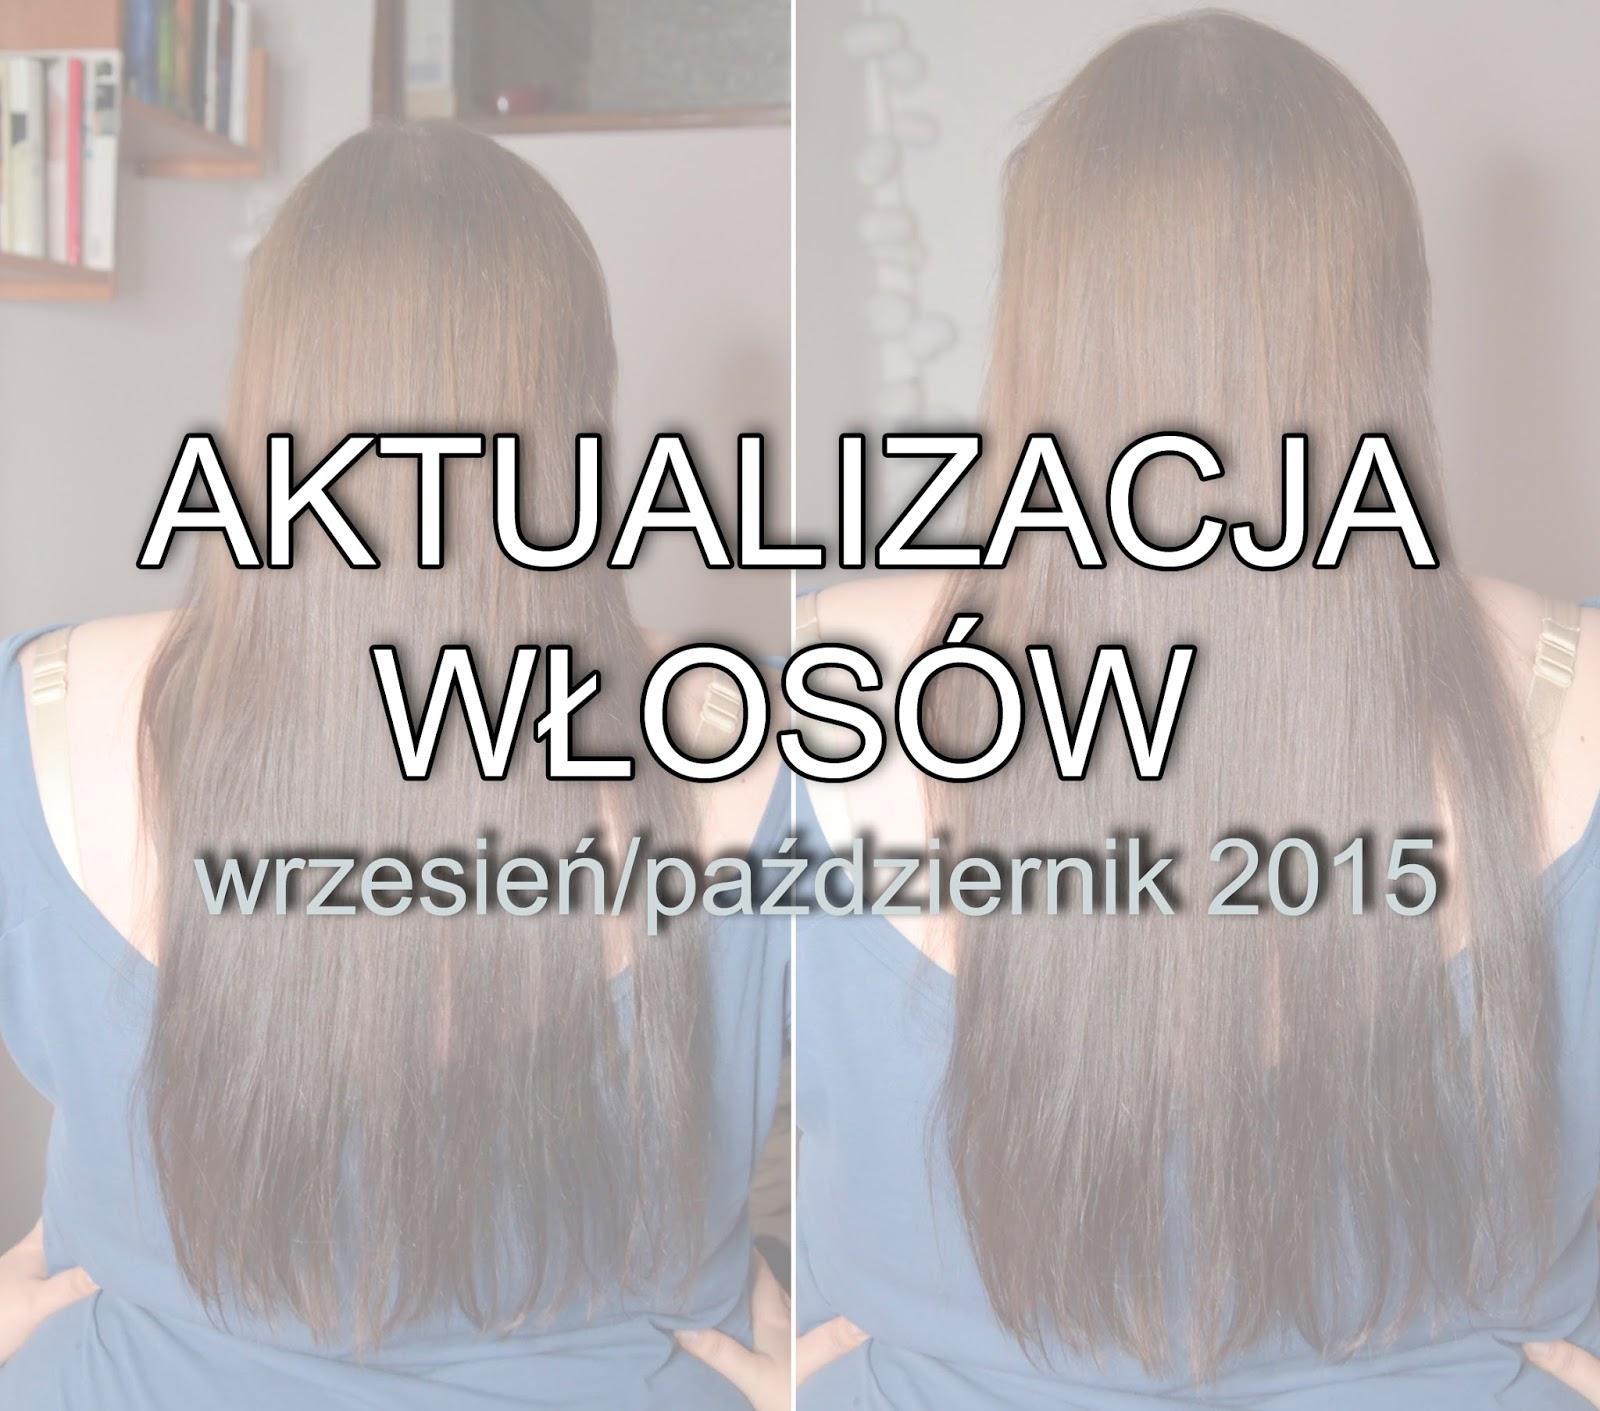 Aktualizacja włosów wrzesień/październik